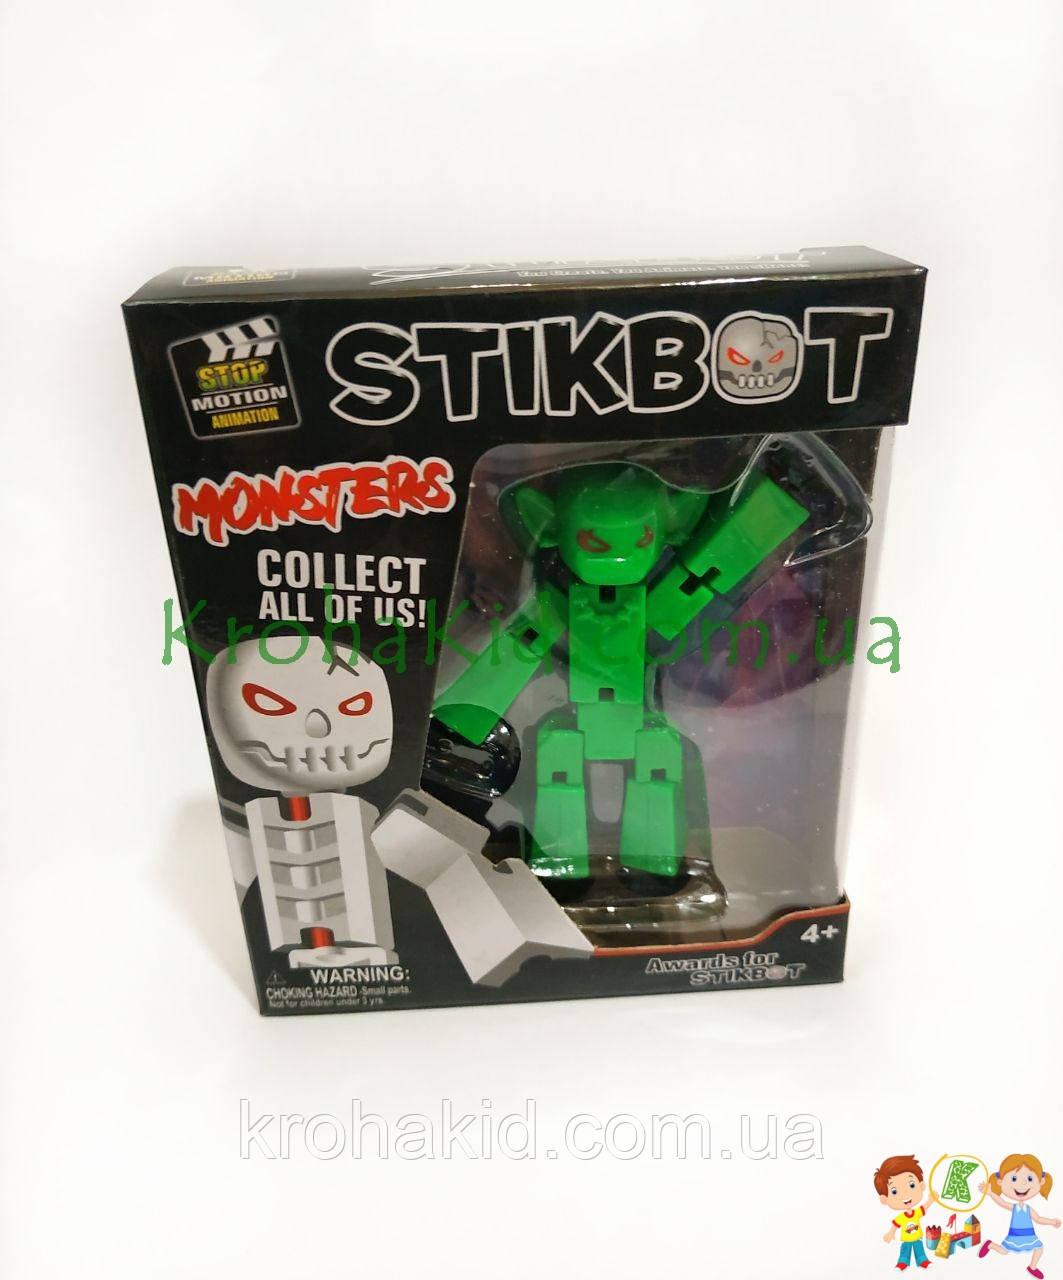 Фигурка человечка StikBot Monsters для анимационного творчества JM-19 в коробке